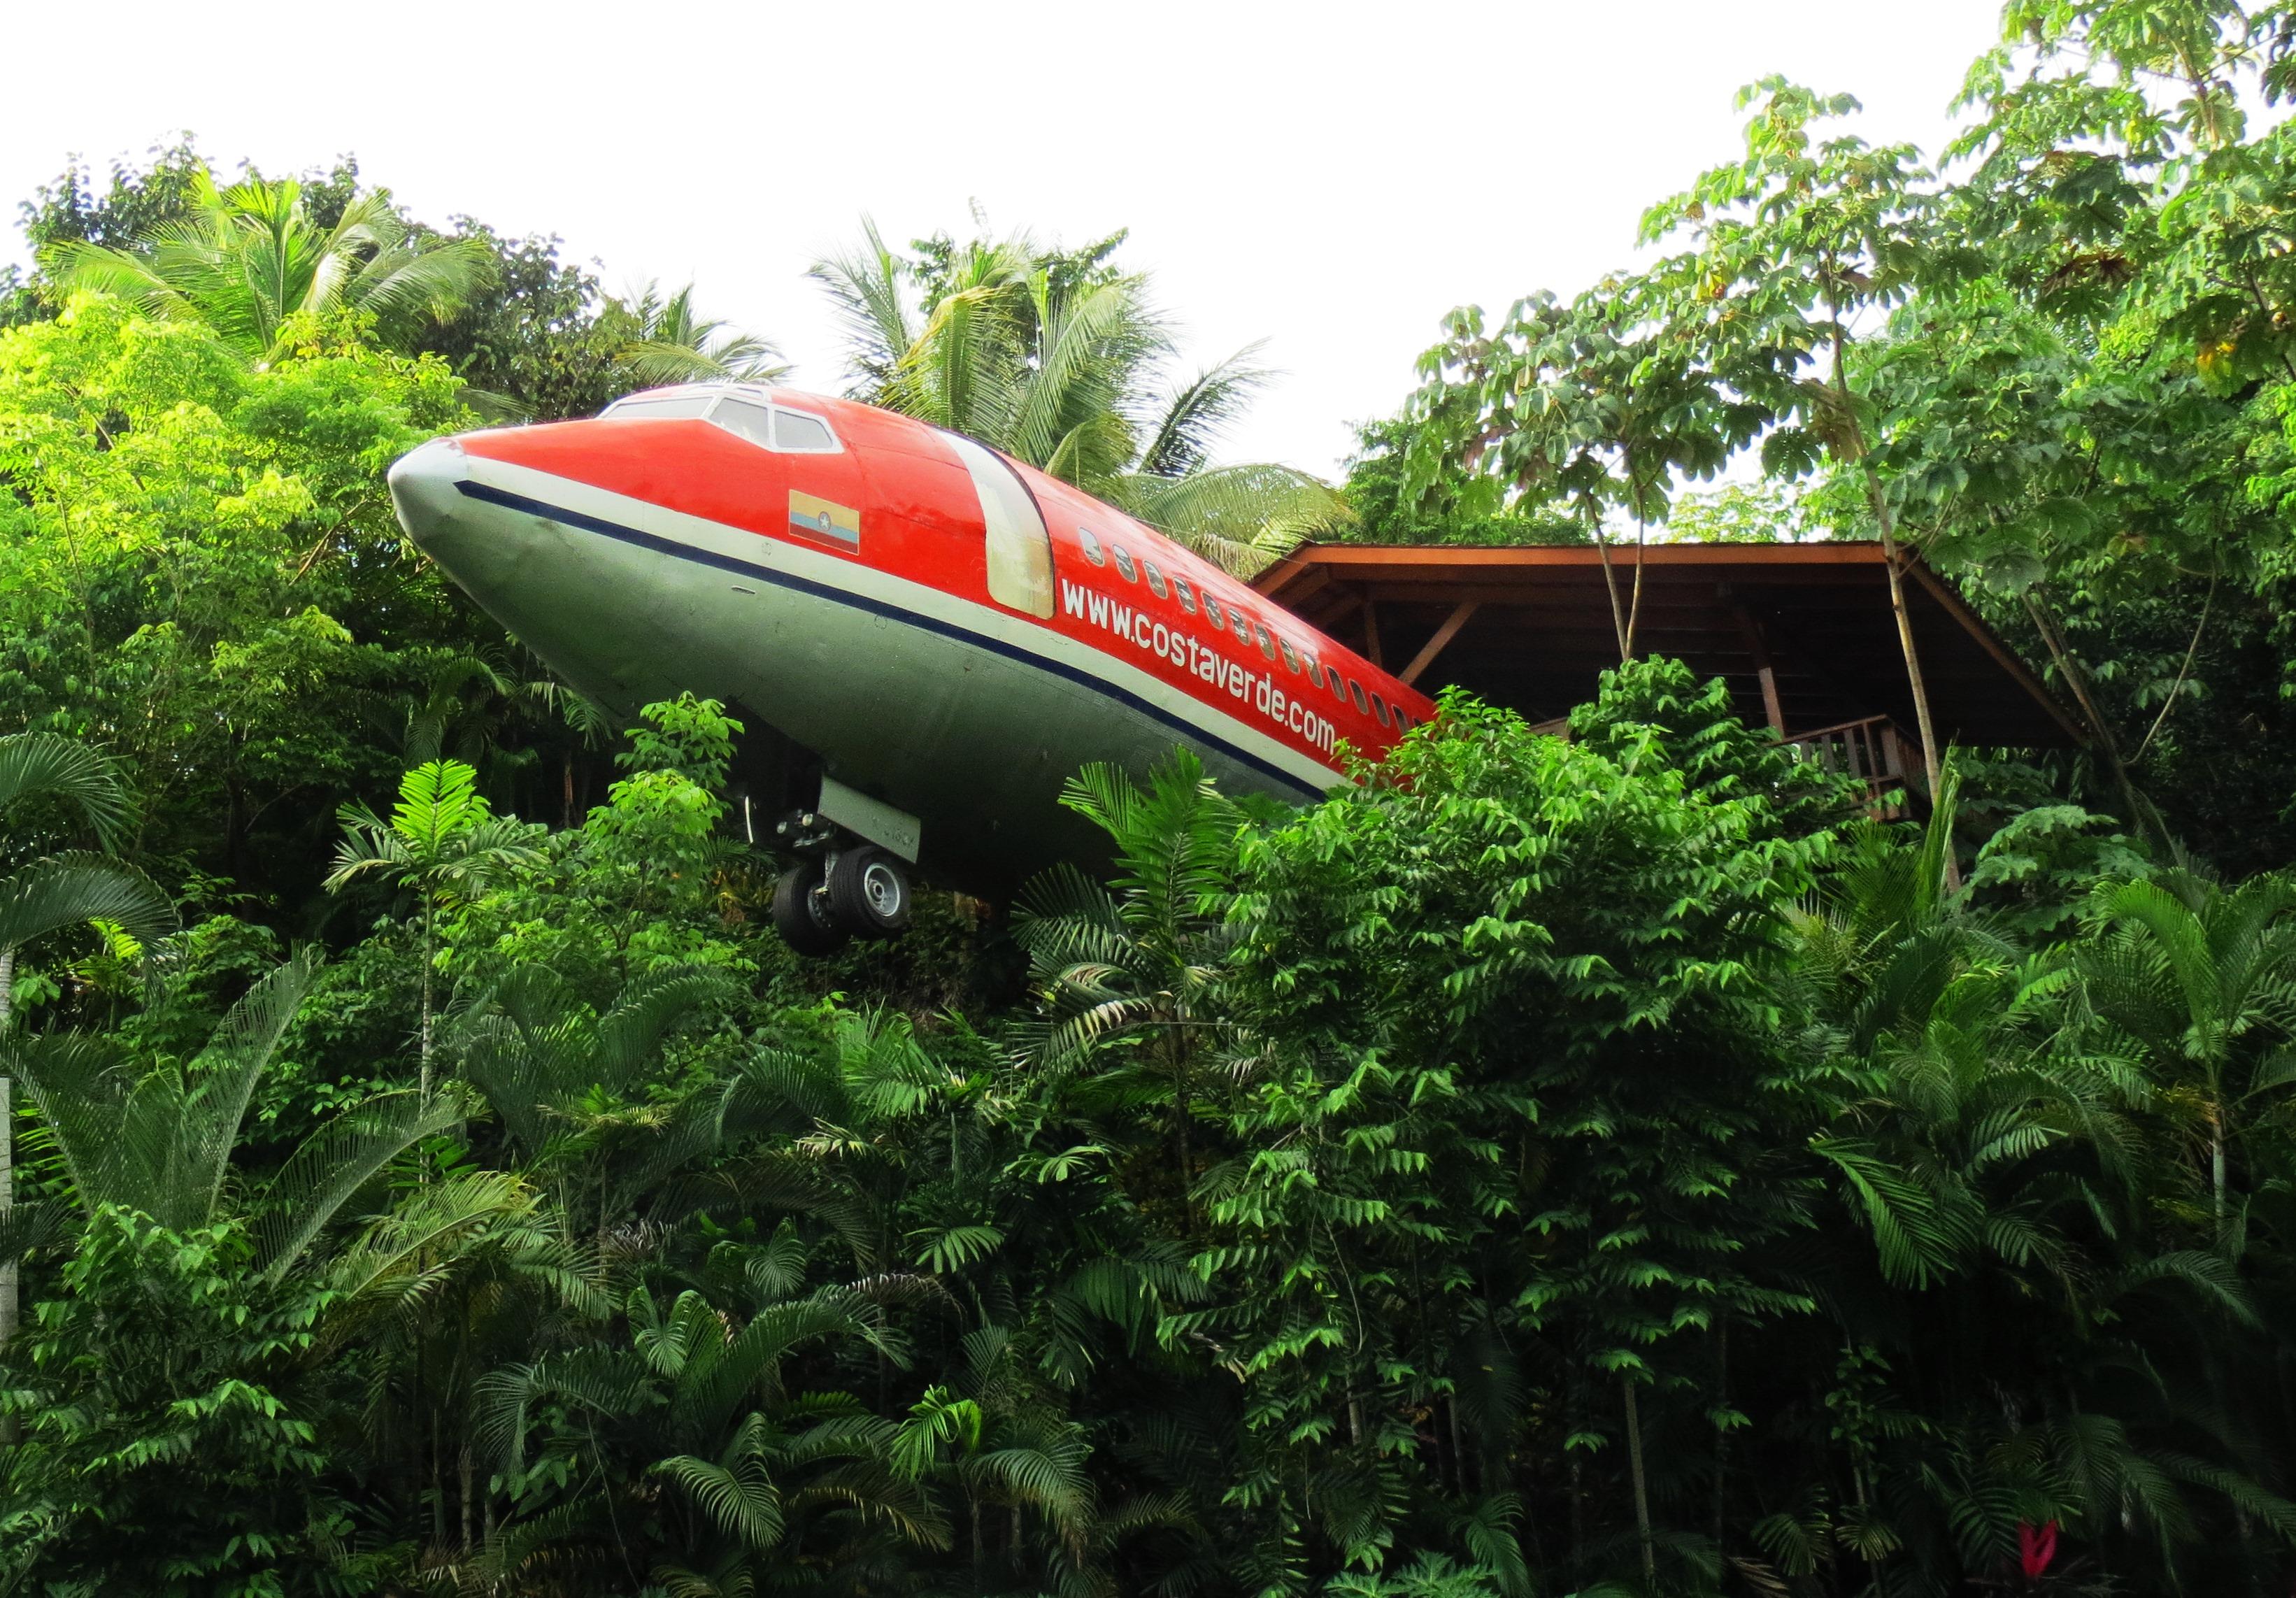 File Boeing 727 Hotel Costa Verde Costa Rica 2014